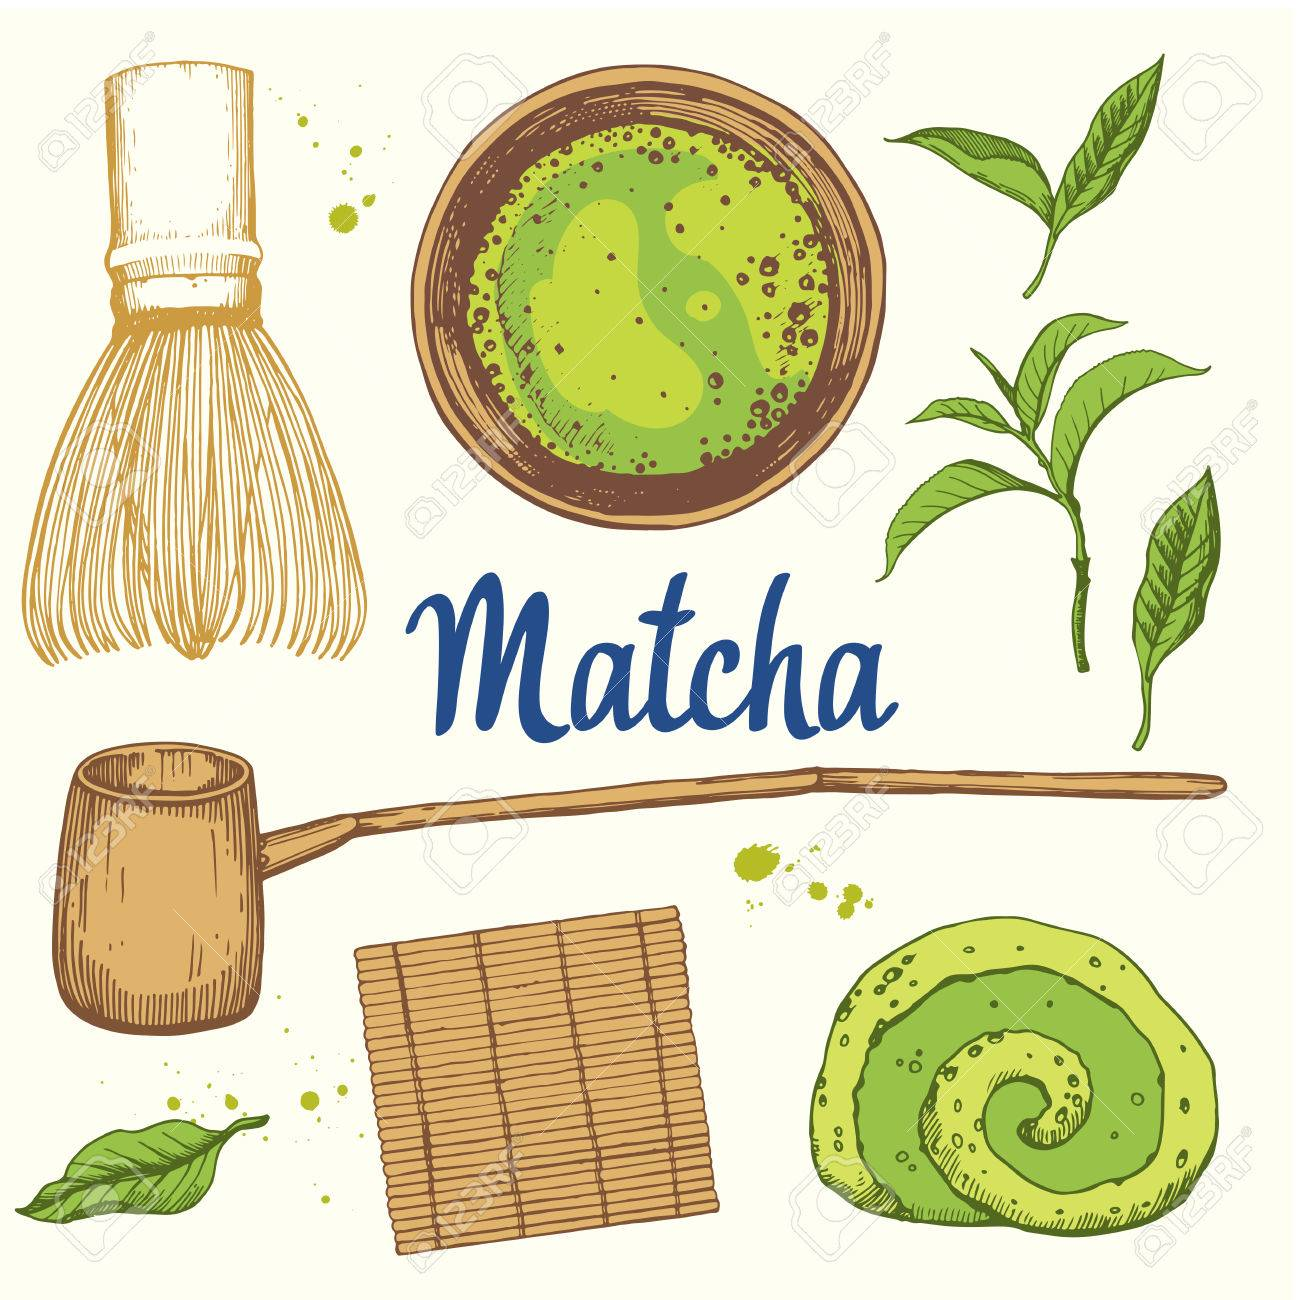 日本の民族や国家お茶会です抹茶ティータイムの伝統あなたの設計の